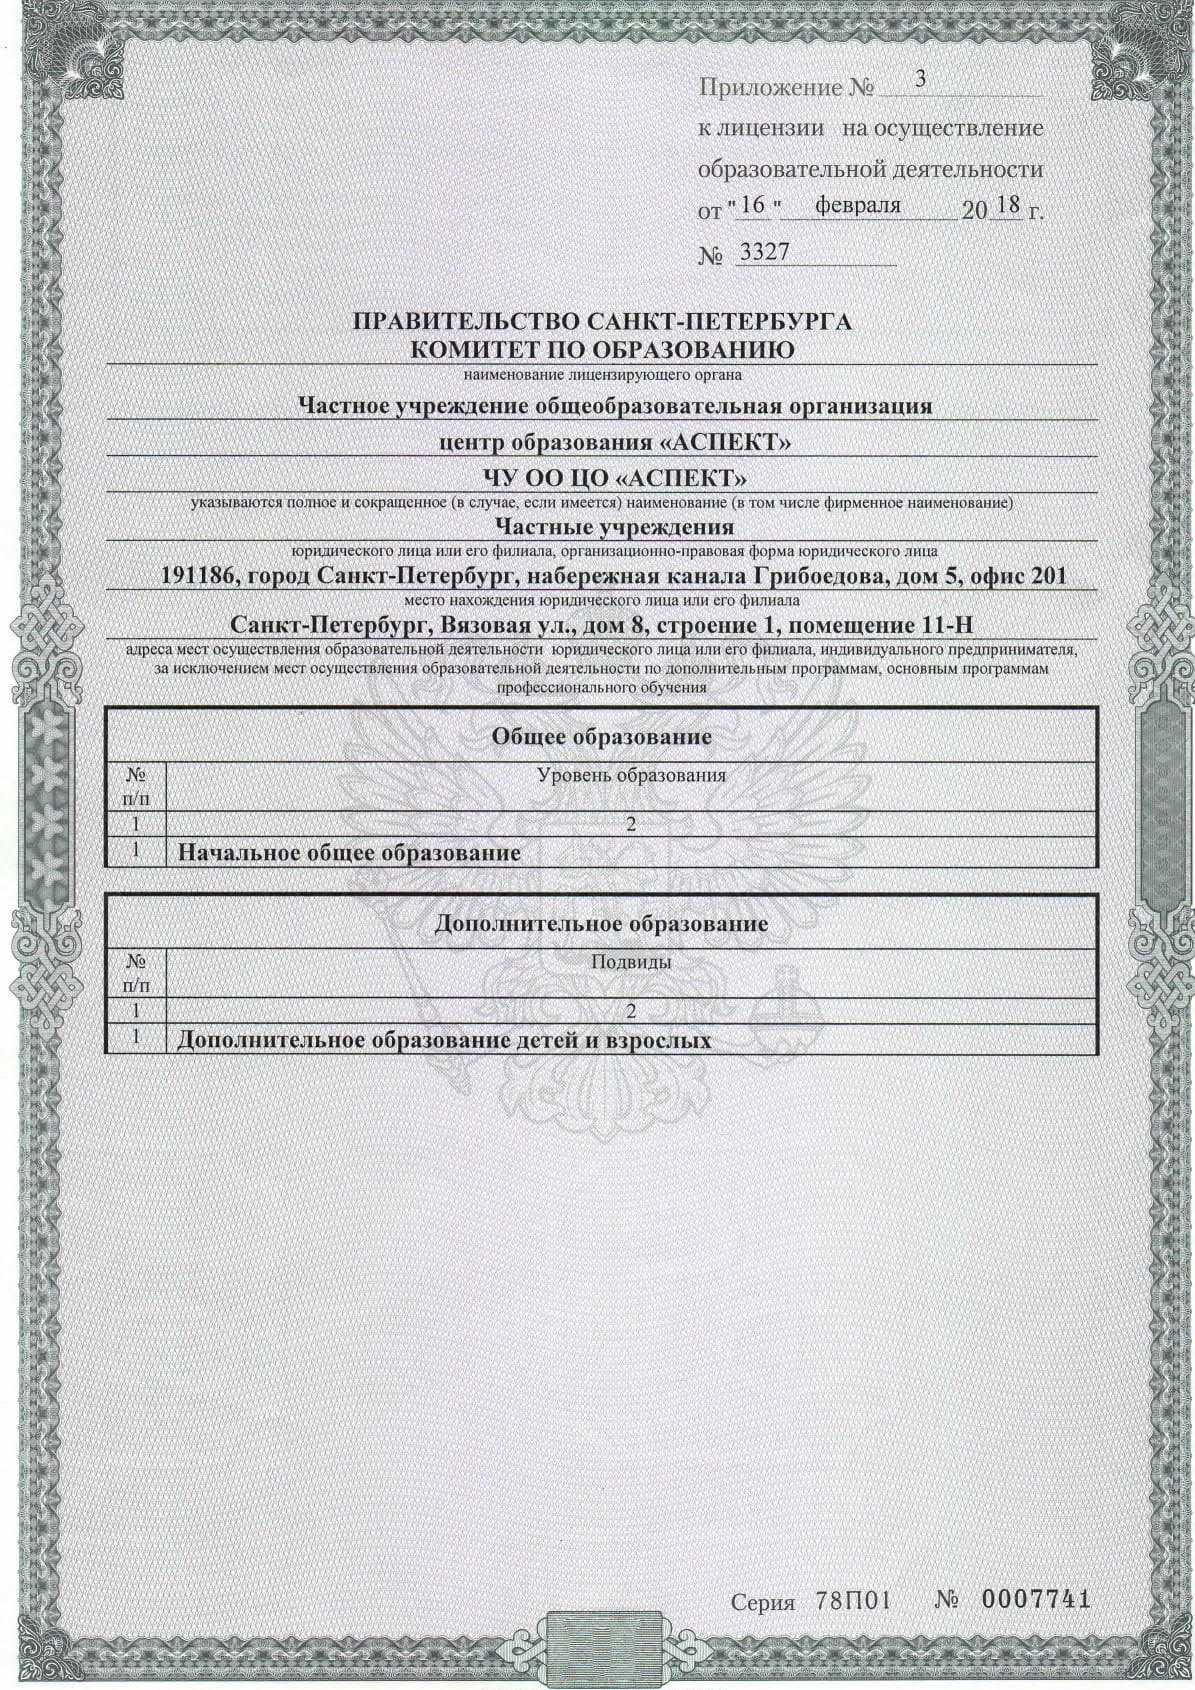 Приложение №3 к Лицении на образовательную деятельность